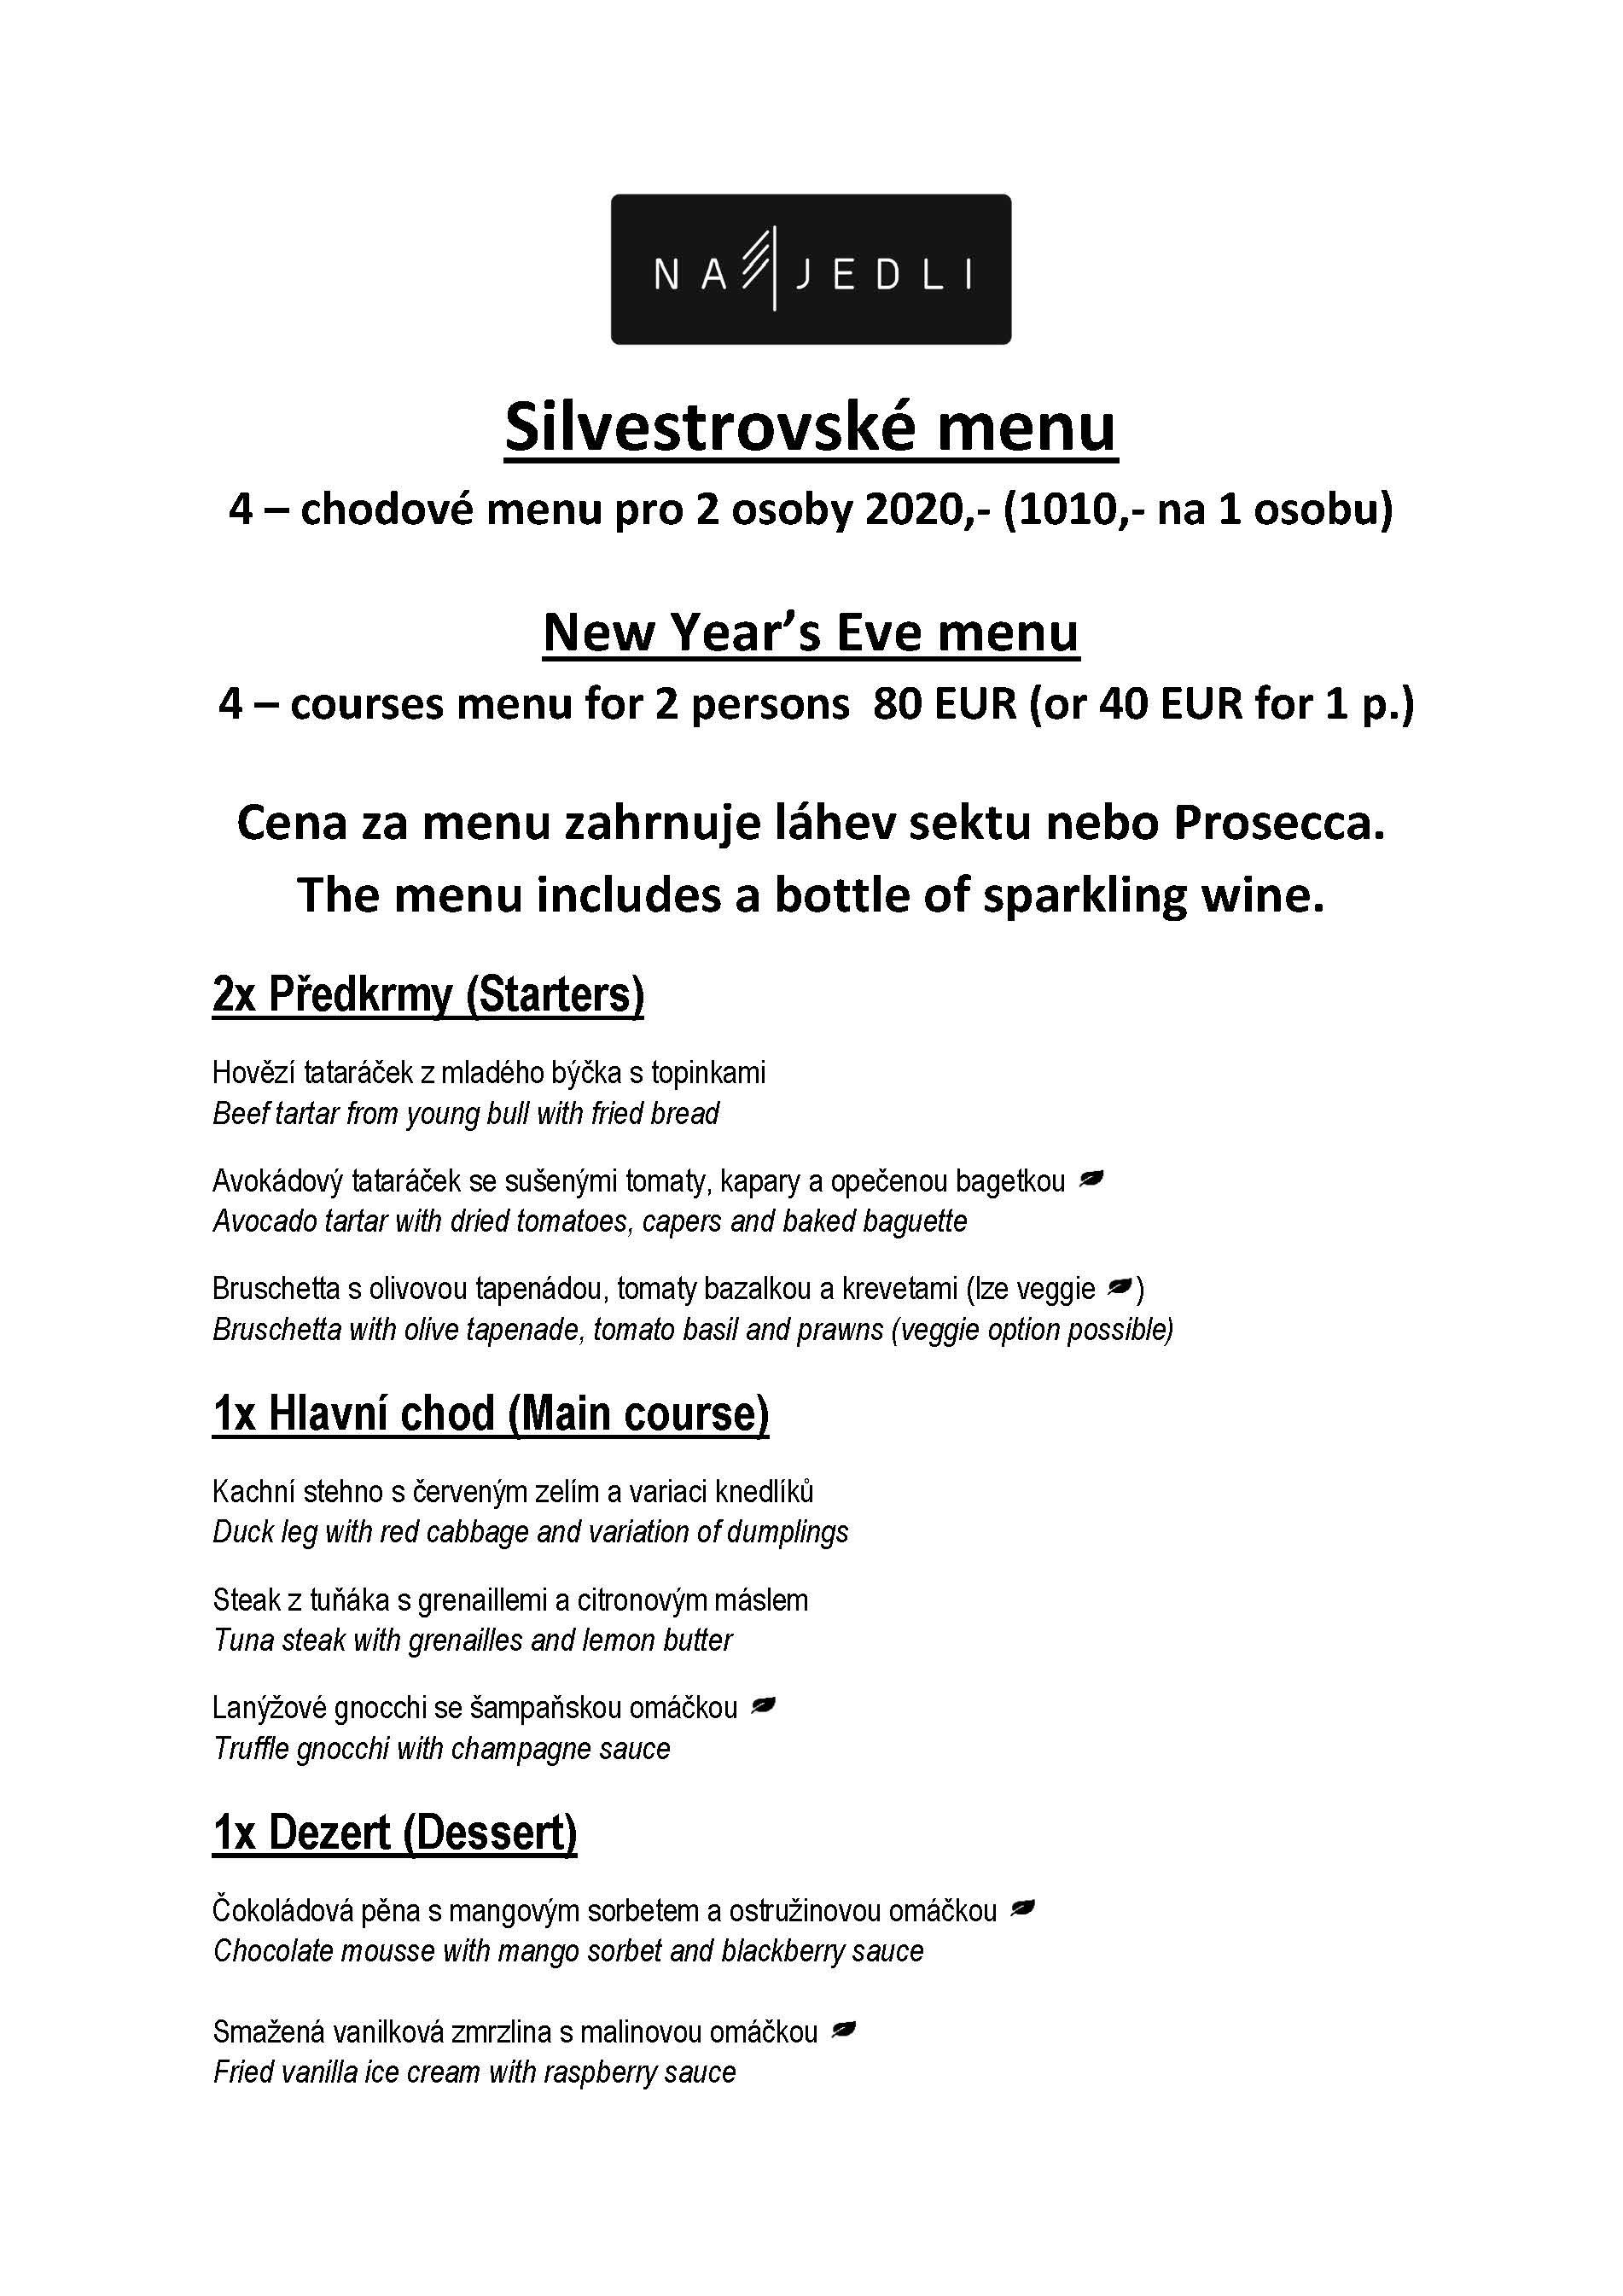 Silvestrovské menu2019